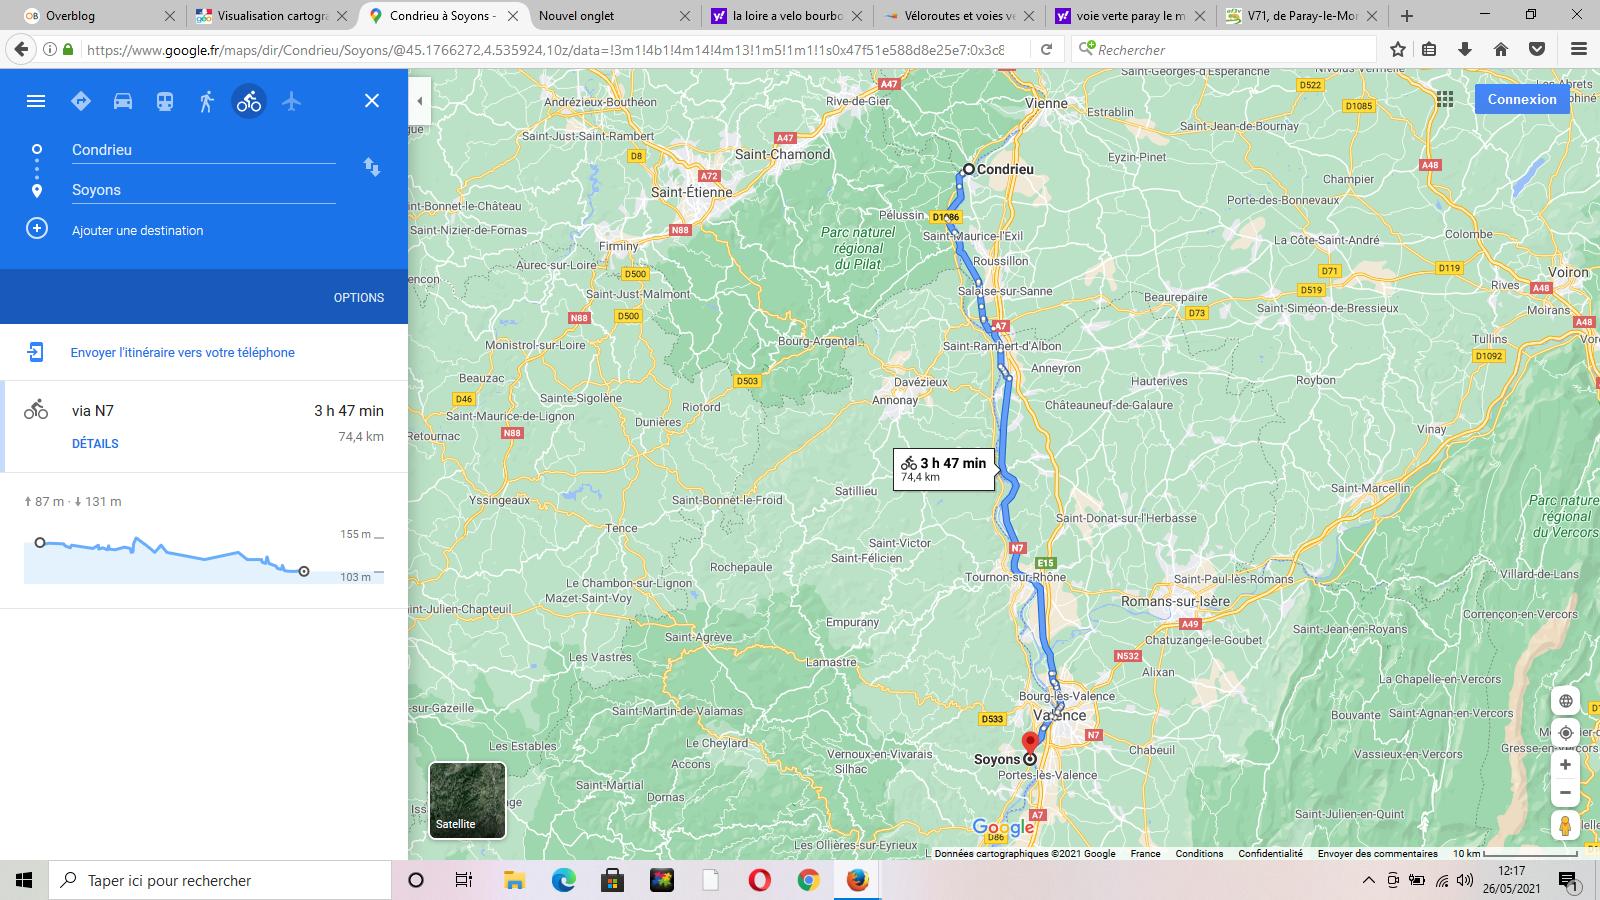 les 10 kms de macron